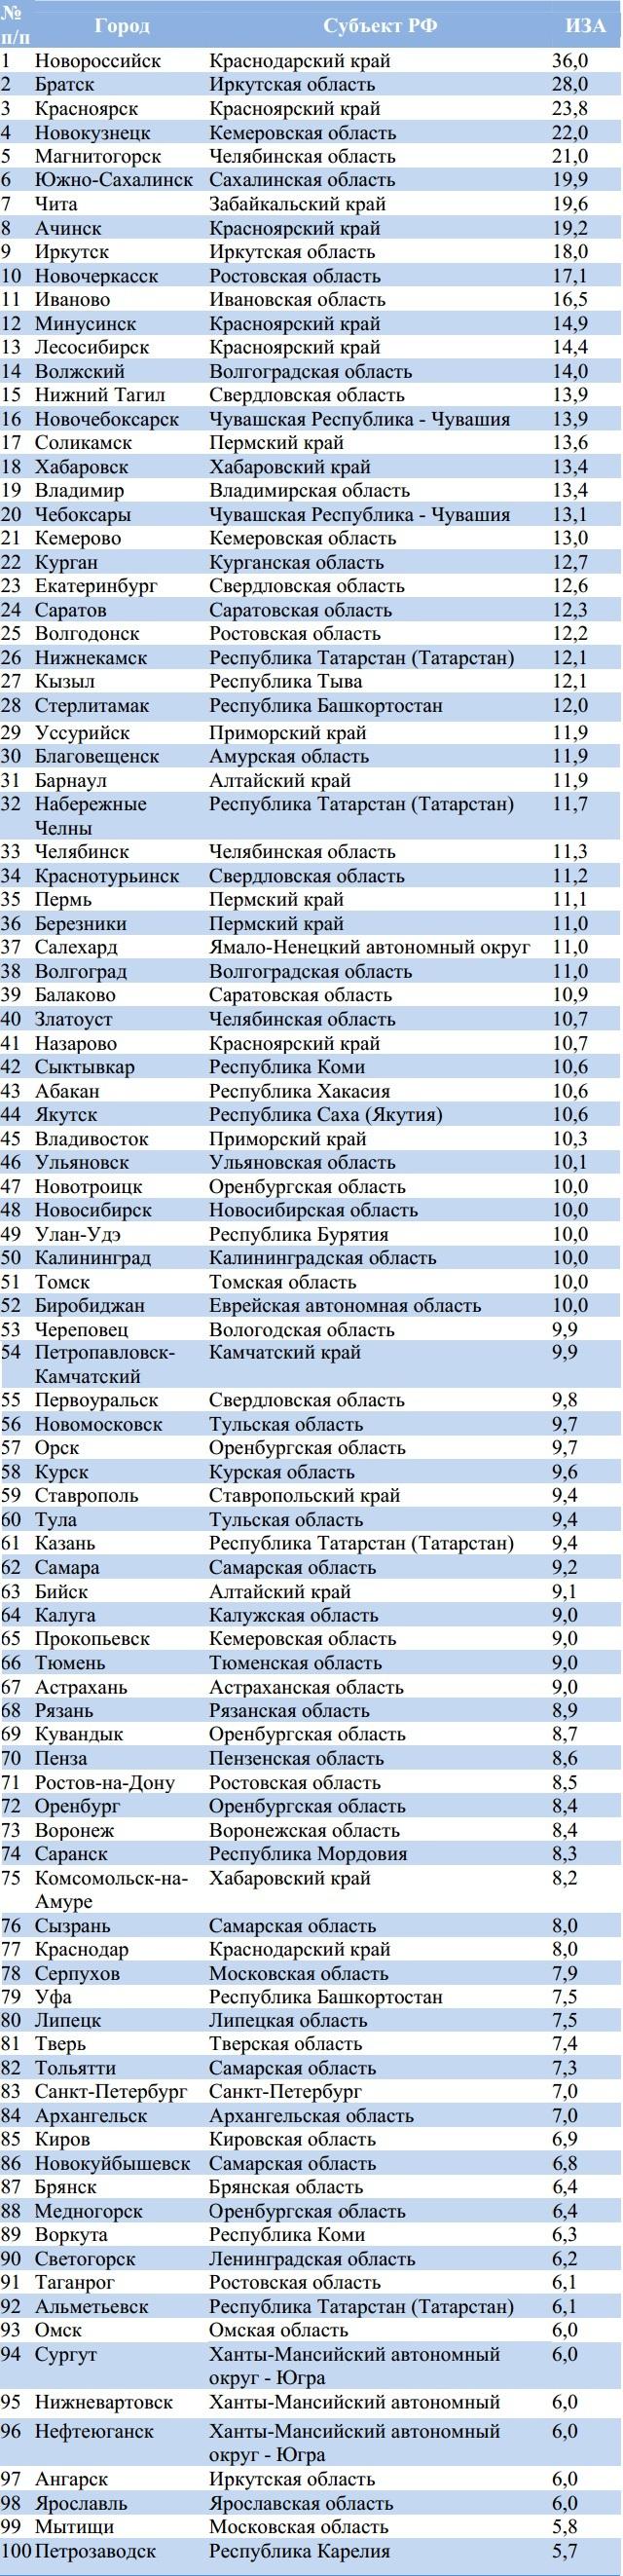 Рейтинг городов России по экологии на 01.01.2012